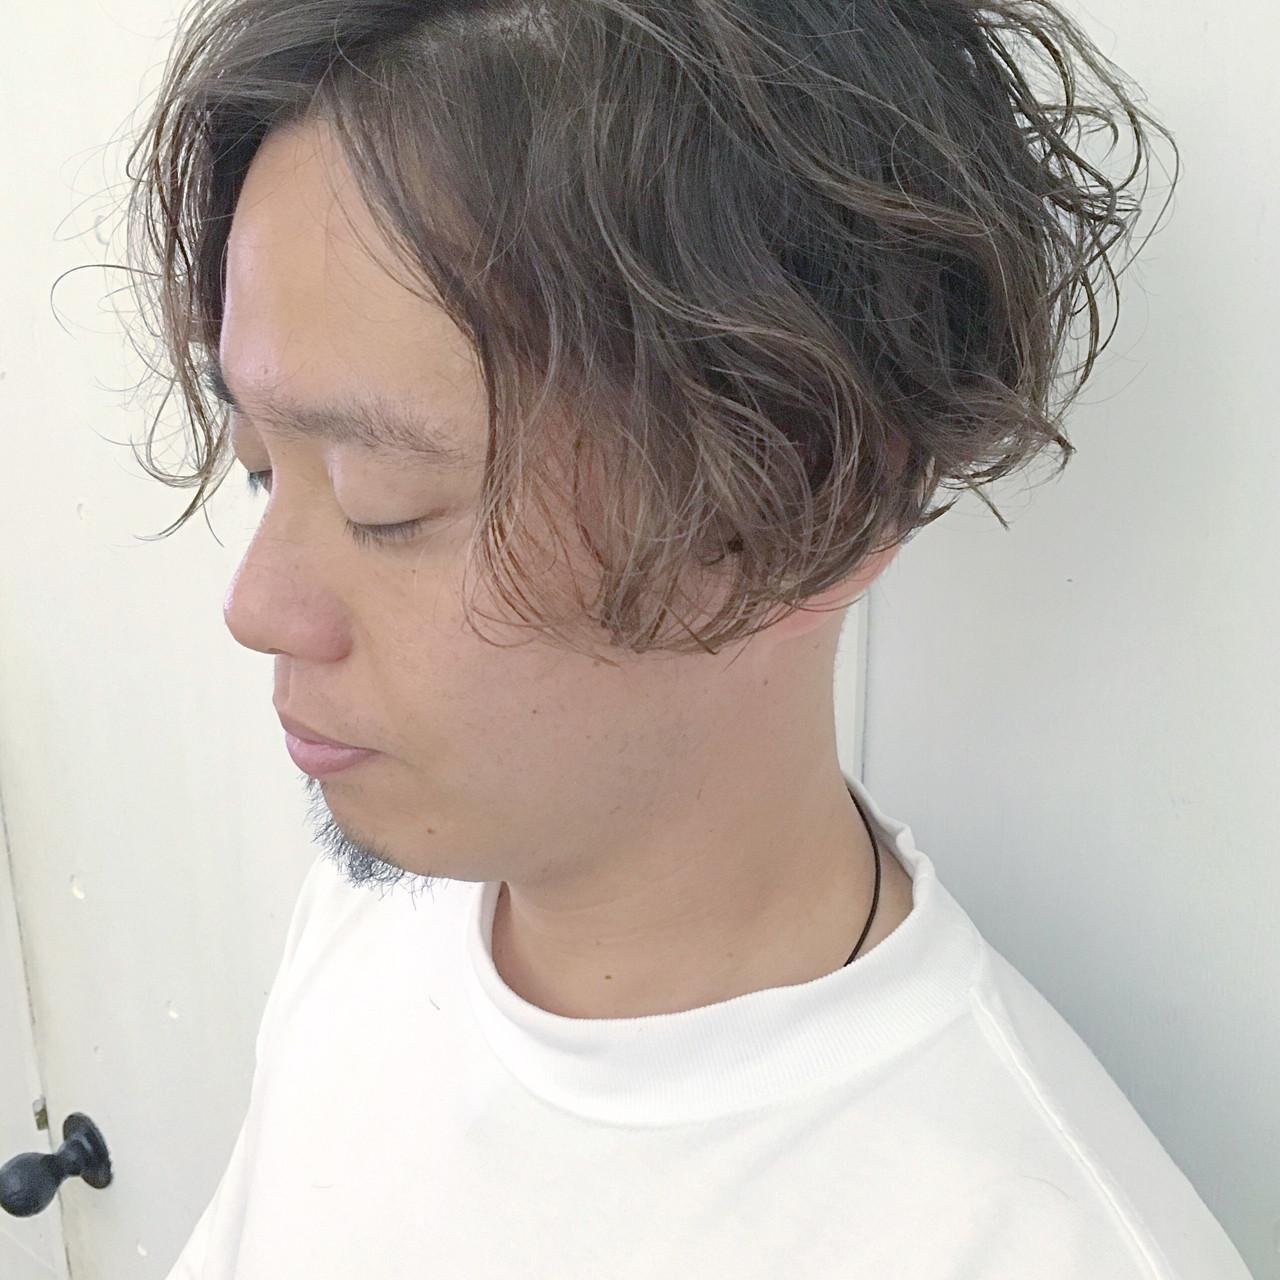 ボブ モテ髪 メンズ ボーイッシュヘアスタイルや髪型の写真・画像